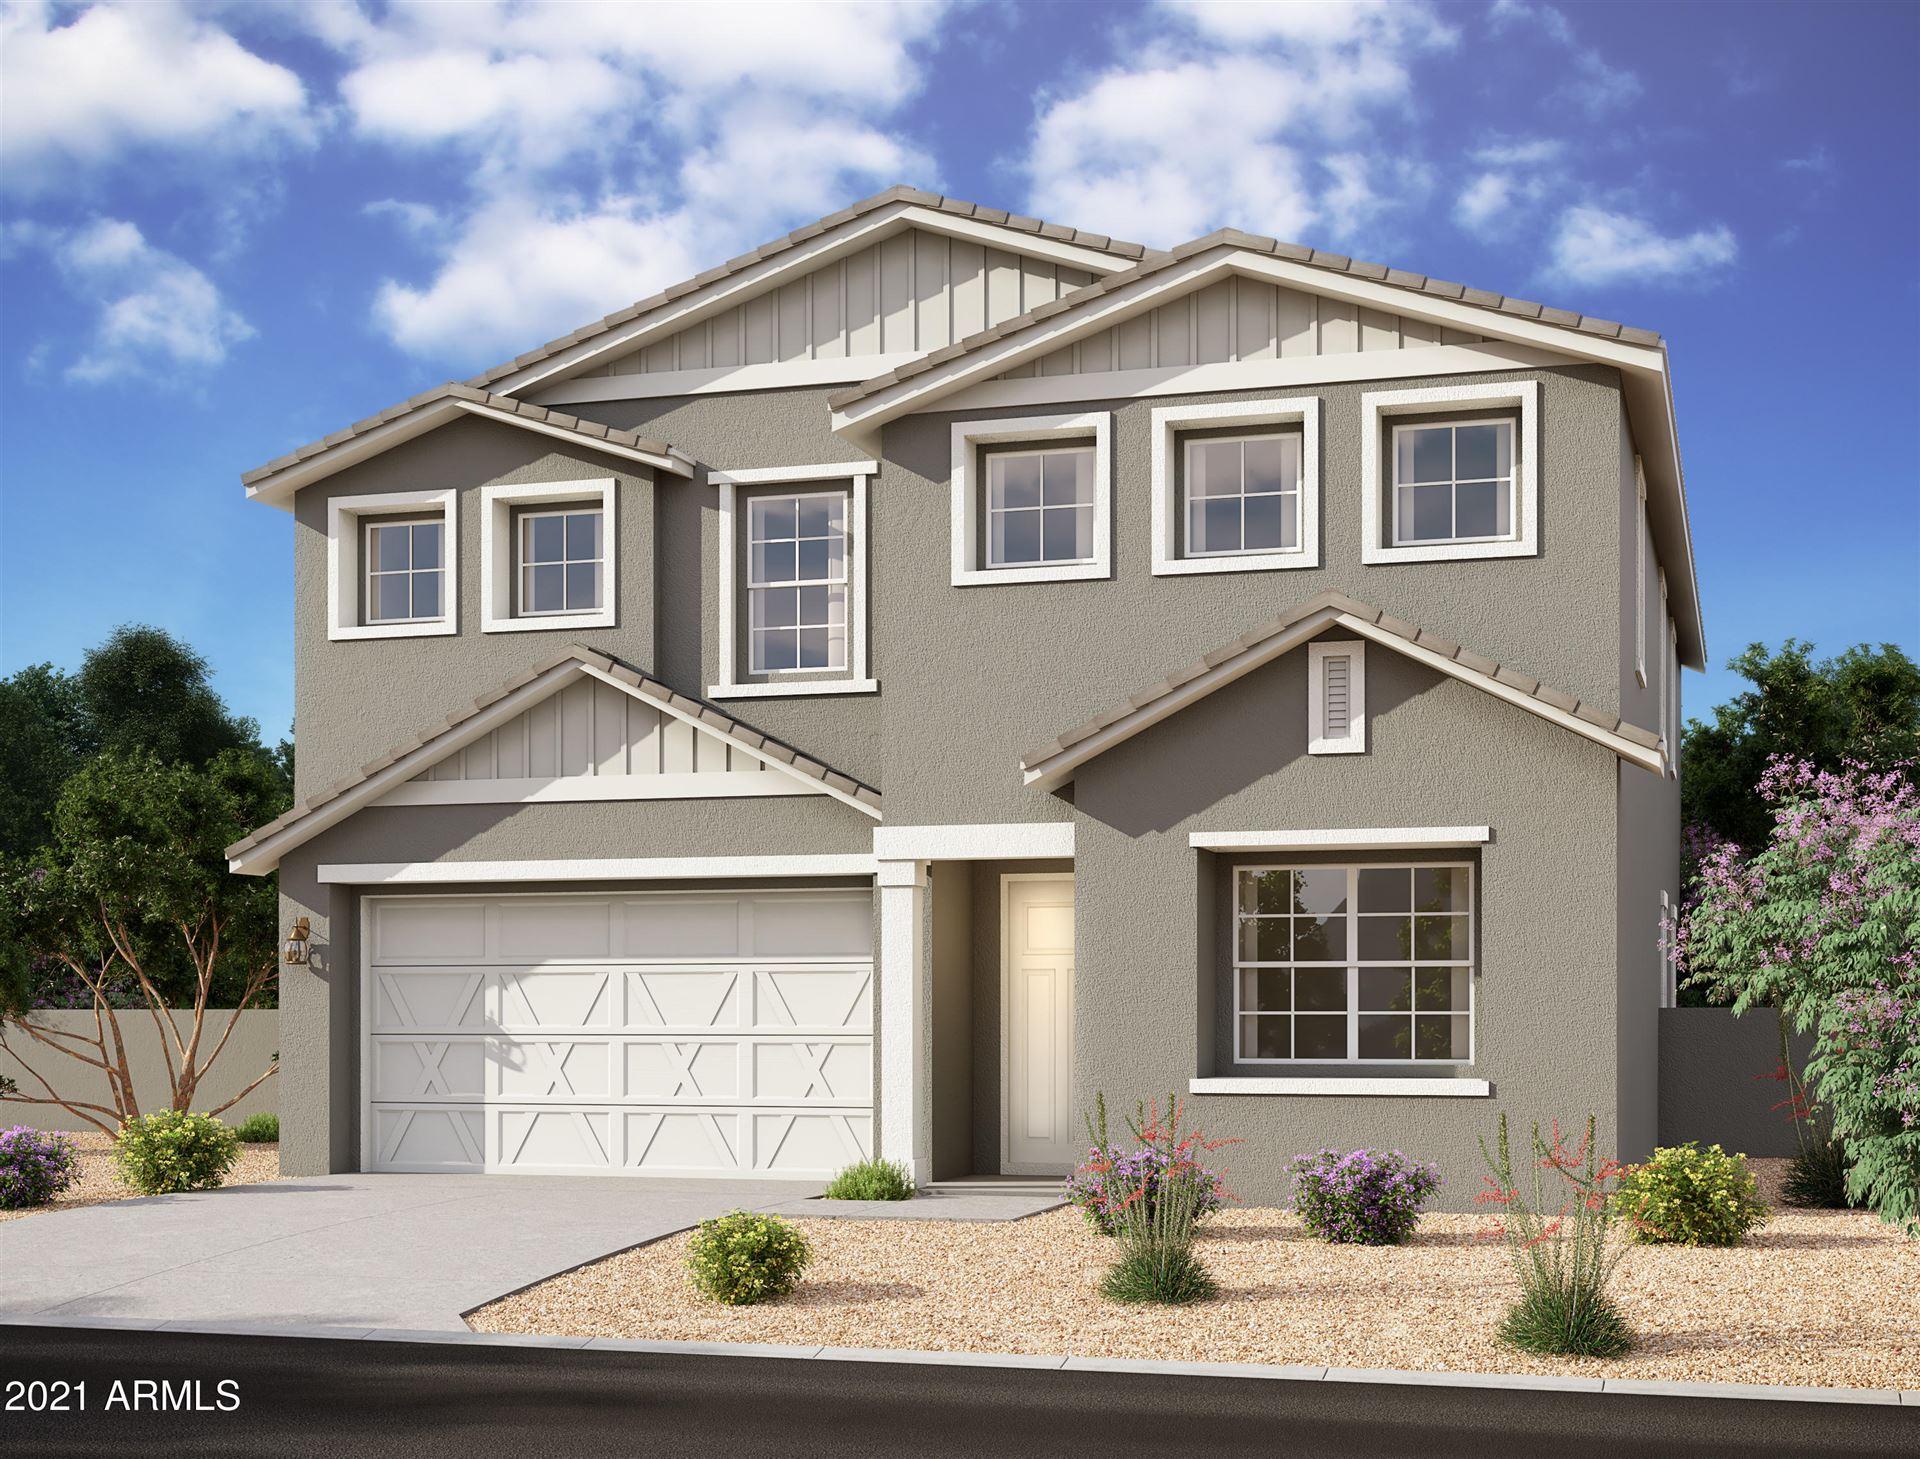 9846 E SUNSPOT Drive, Mesa, AZ 85212 - MLS#: 6273288